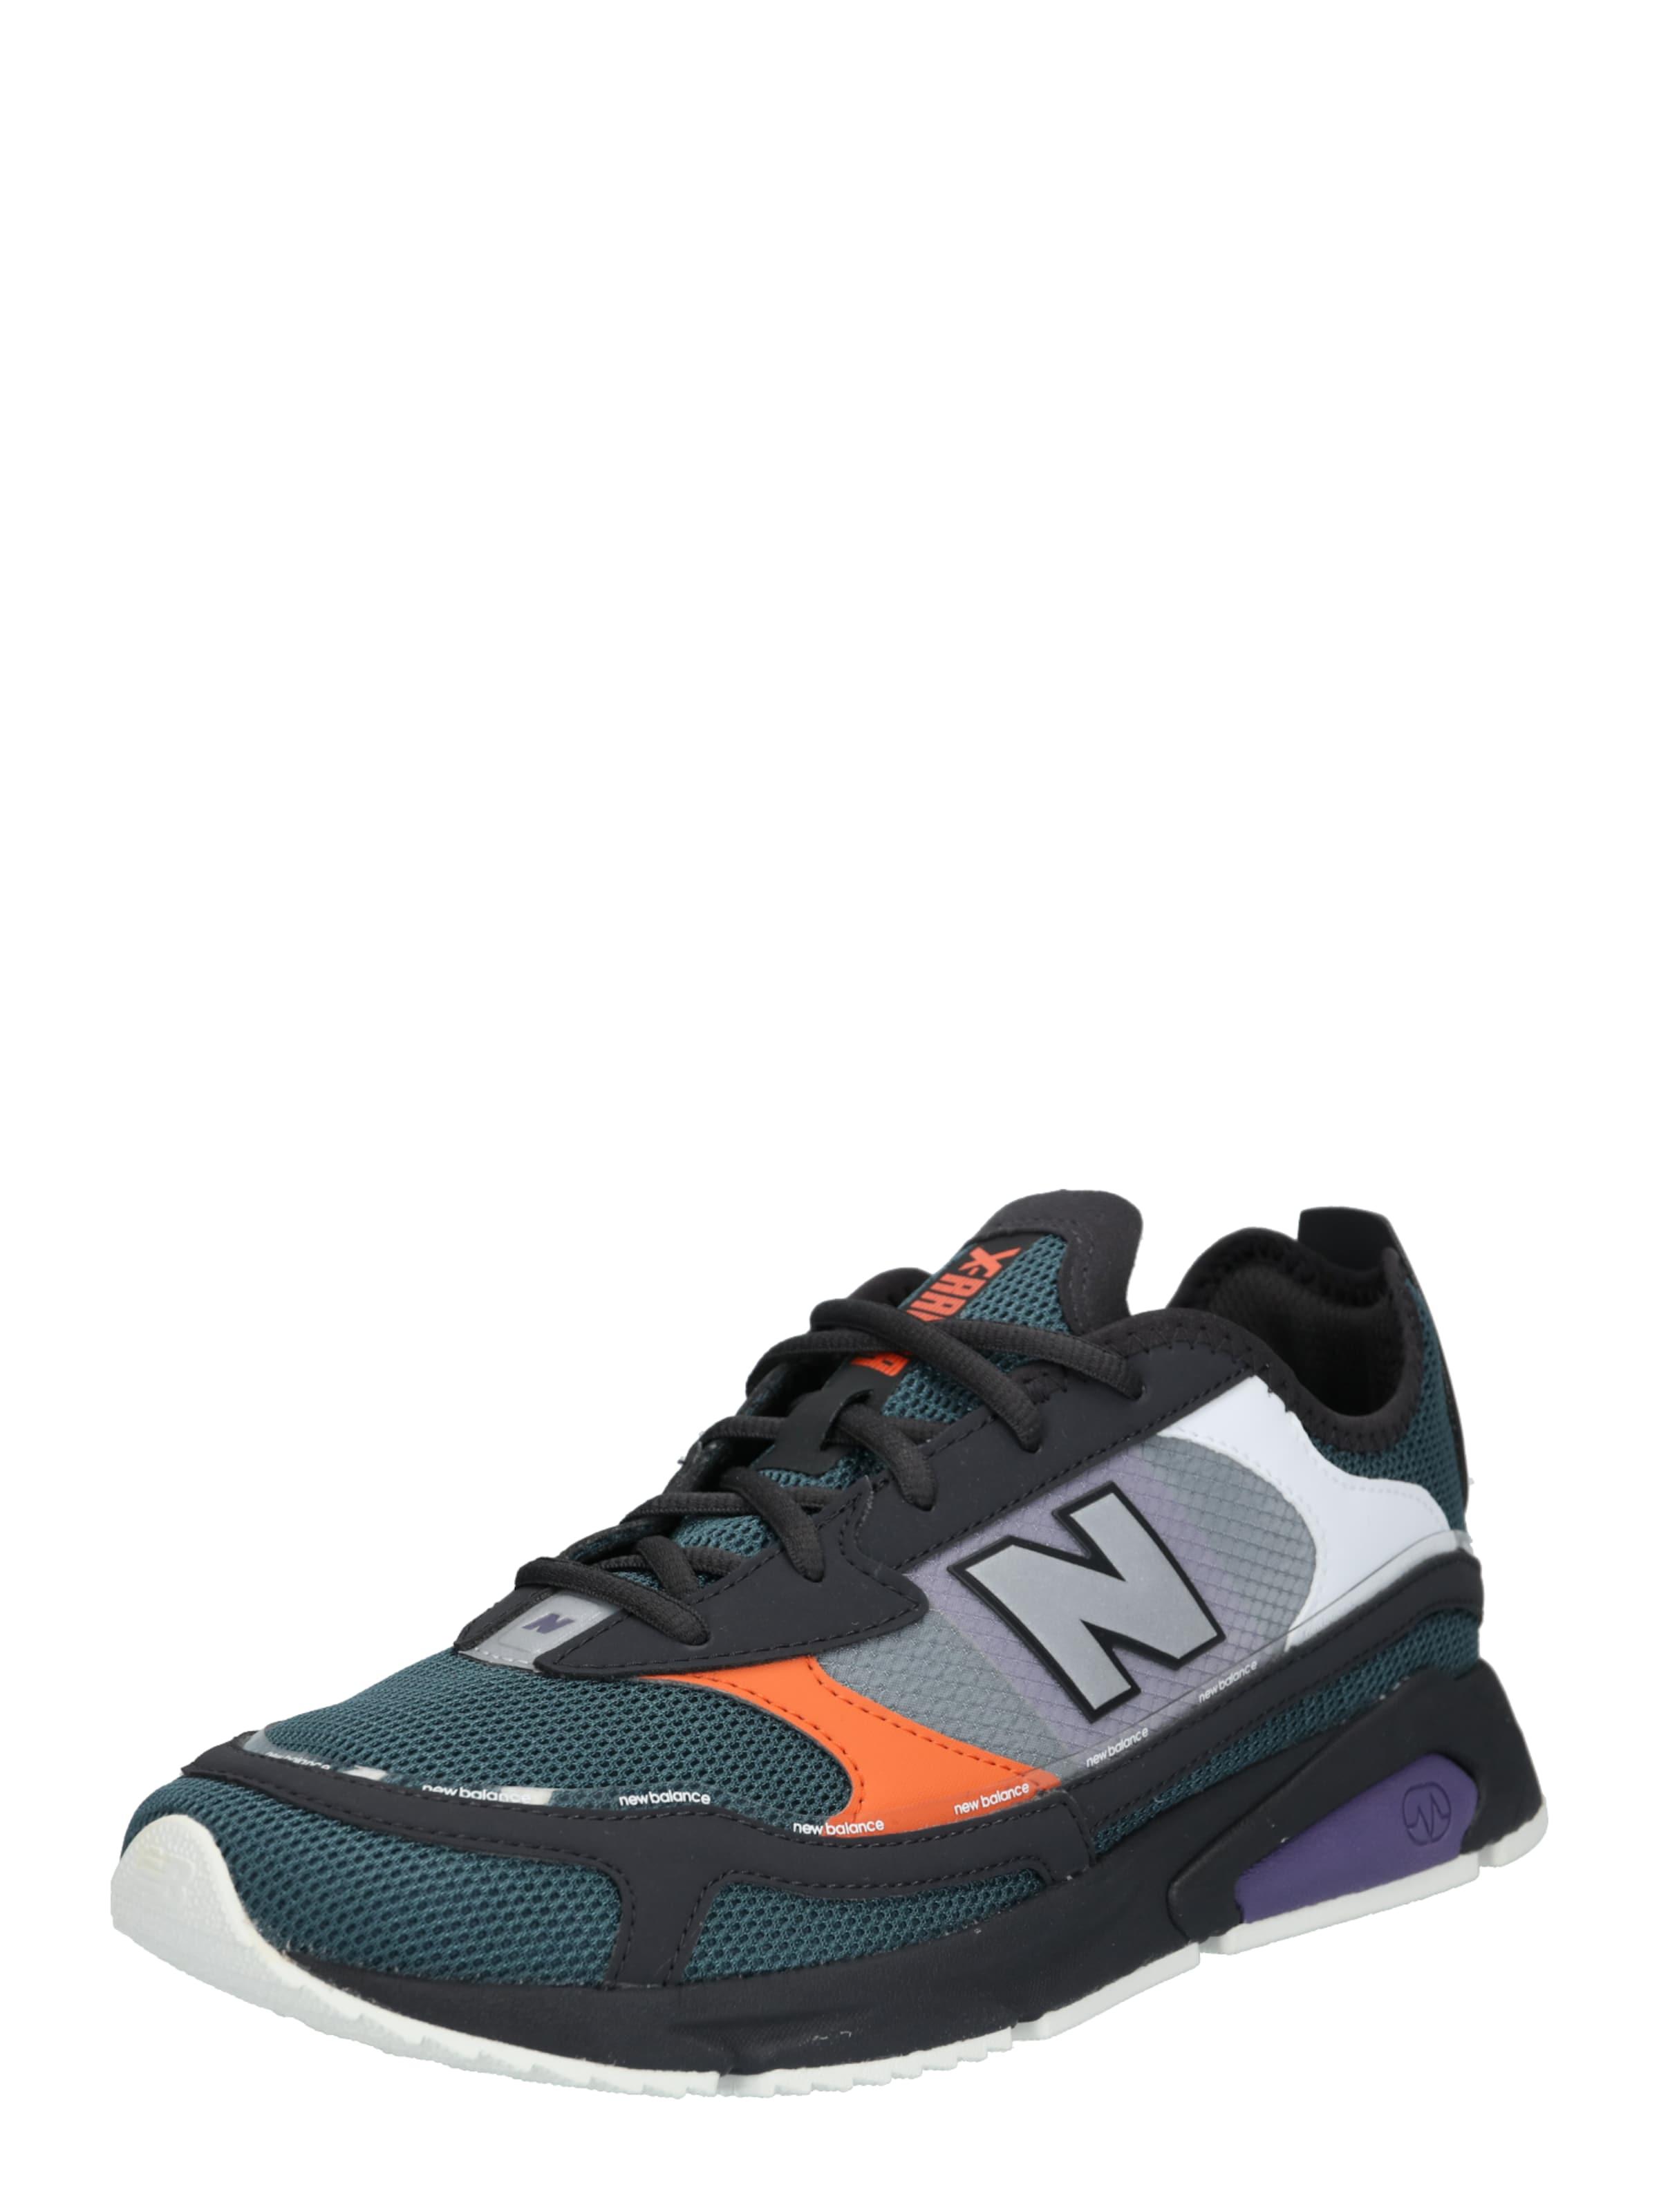 New Sneaker Balance 'msxrchl' LilaSchwarz In 8nPXO0wk